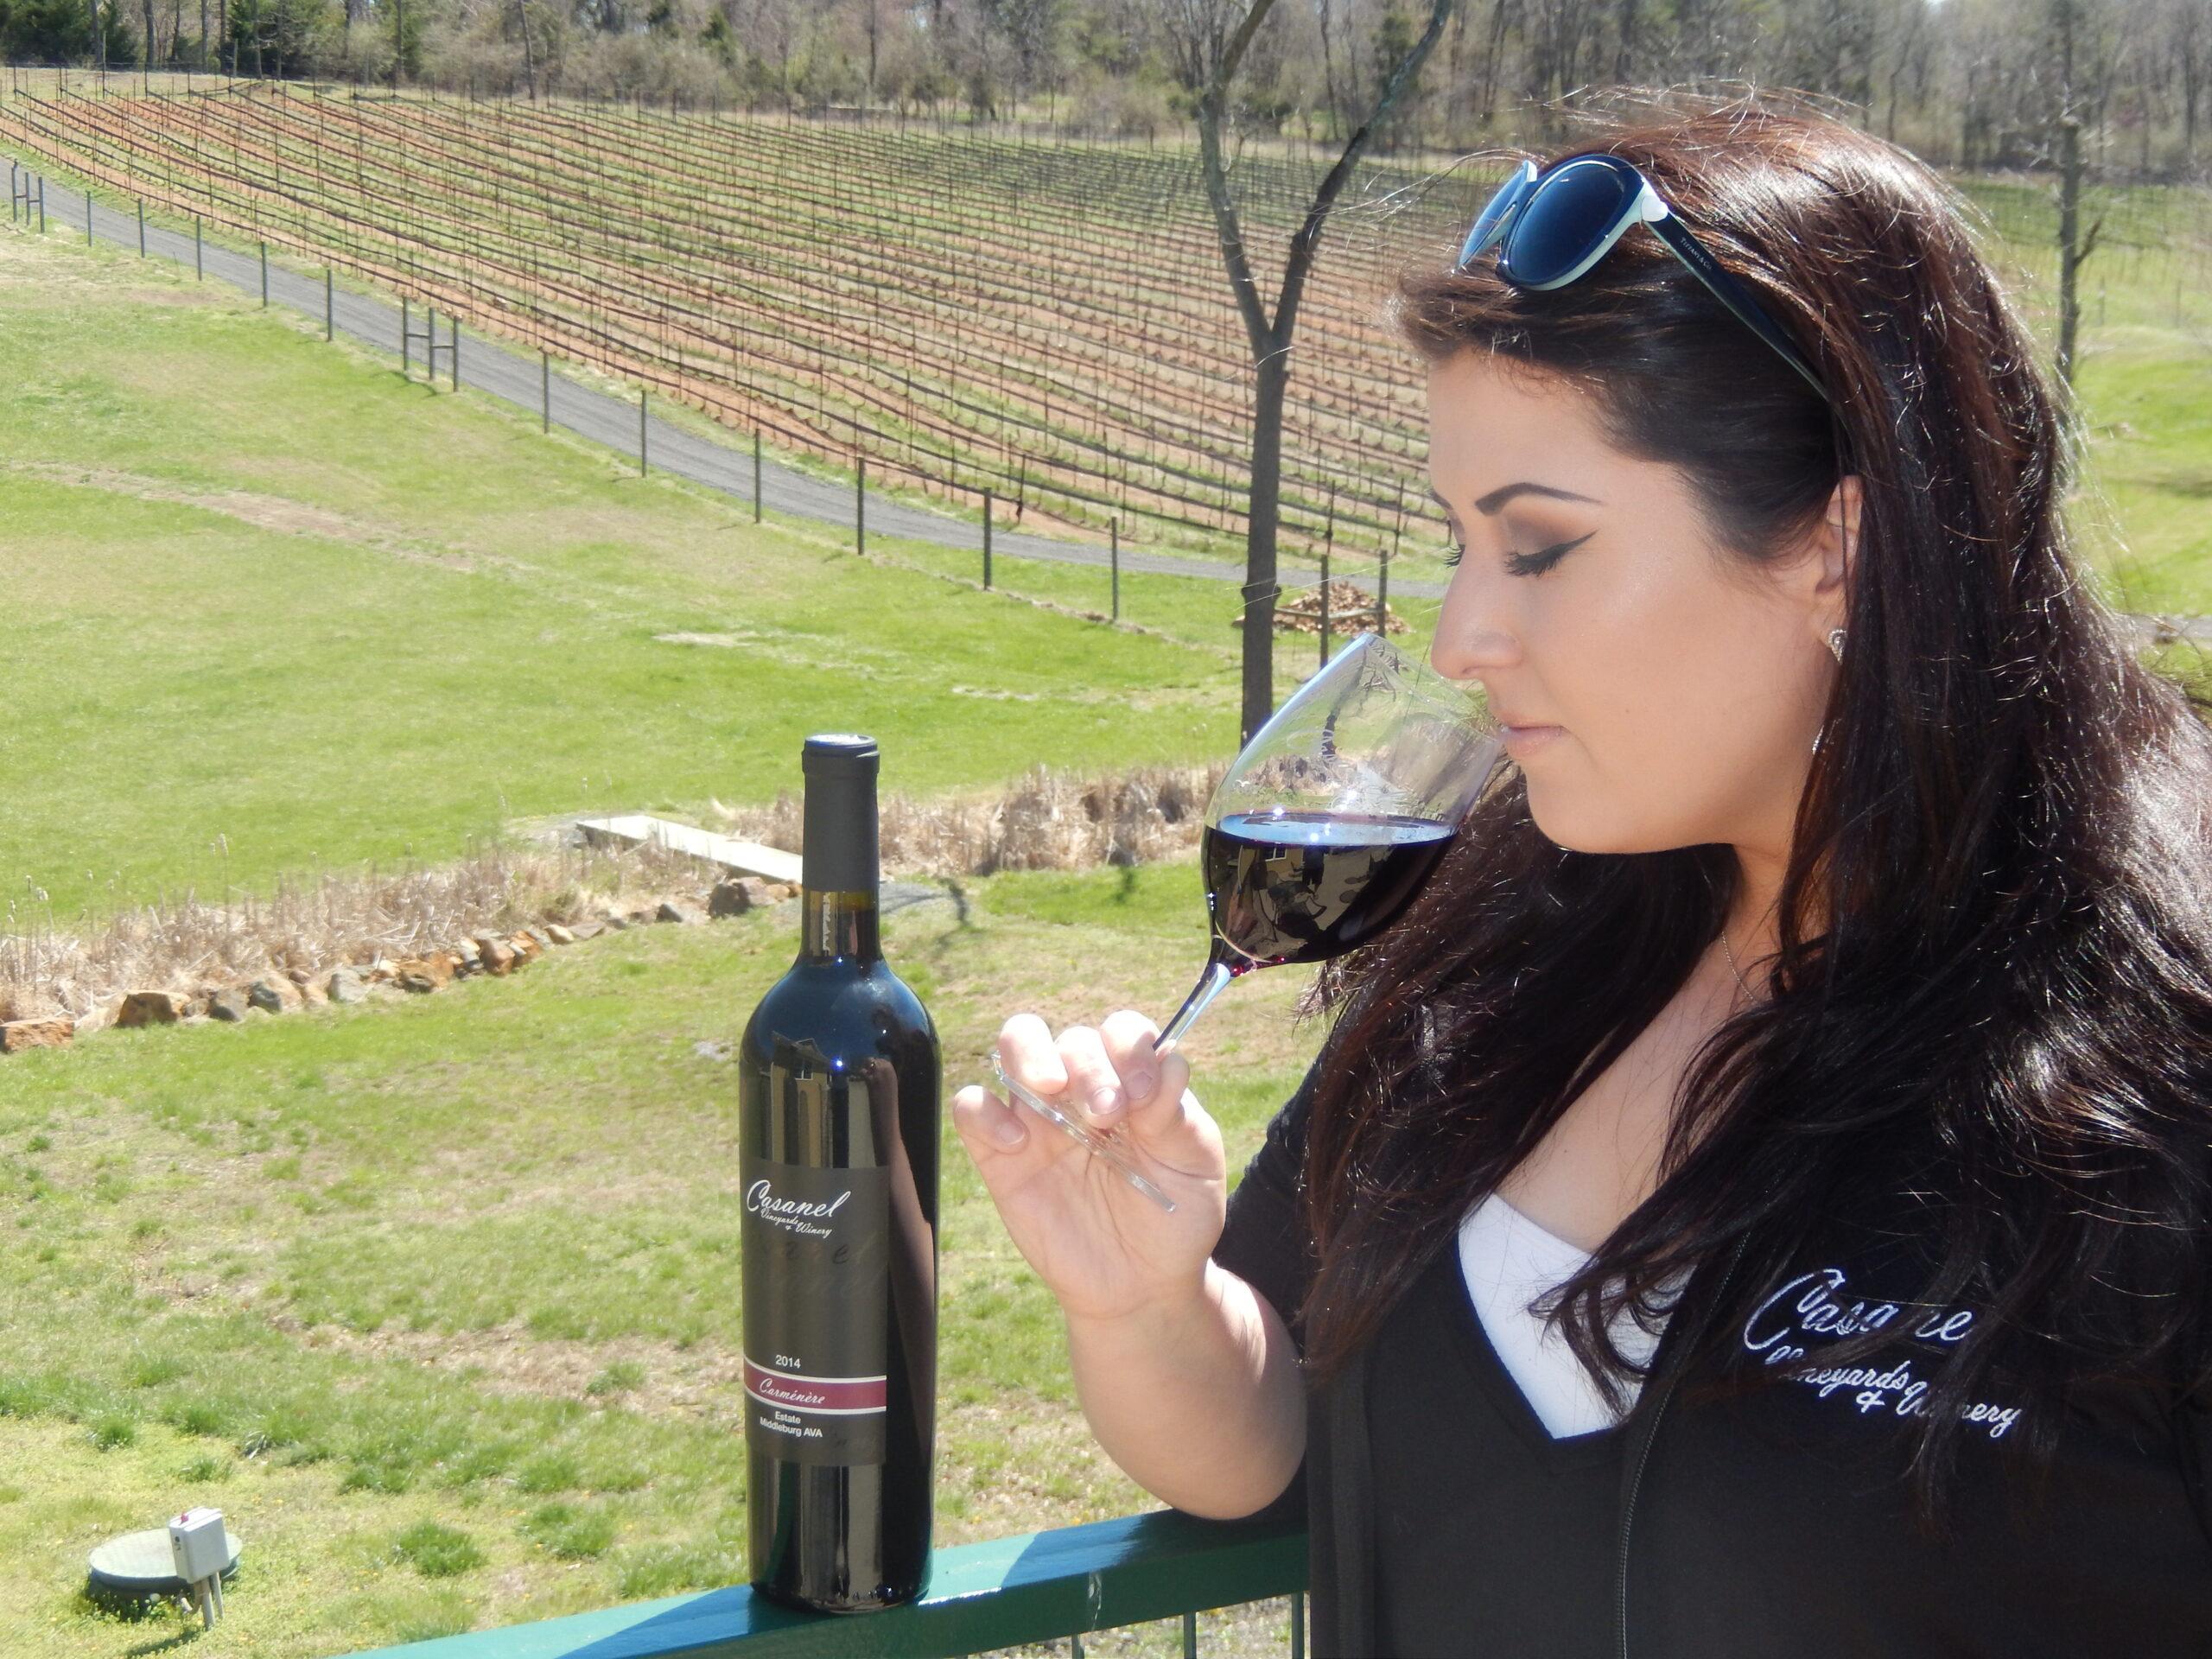 Casanel Vineyards